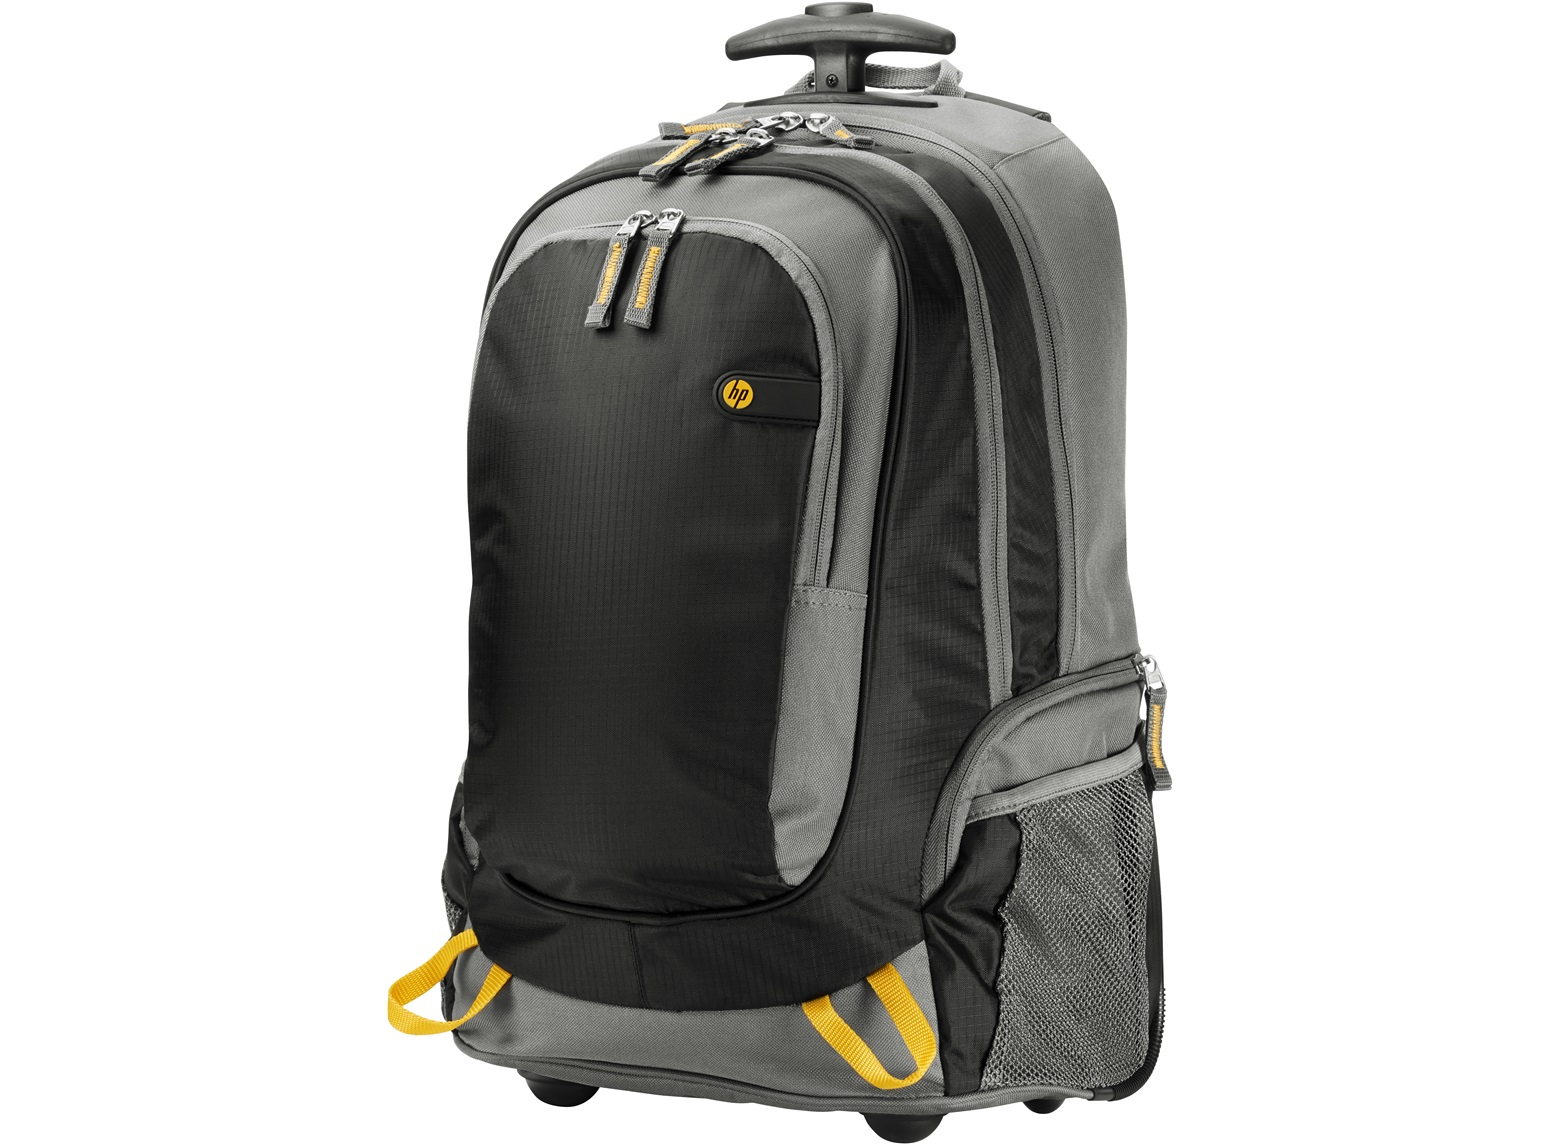 HP 15.6 Rolling Backpack 15.6Zoll Rucksack Schwarz - Grau - Gelb